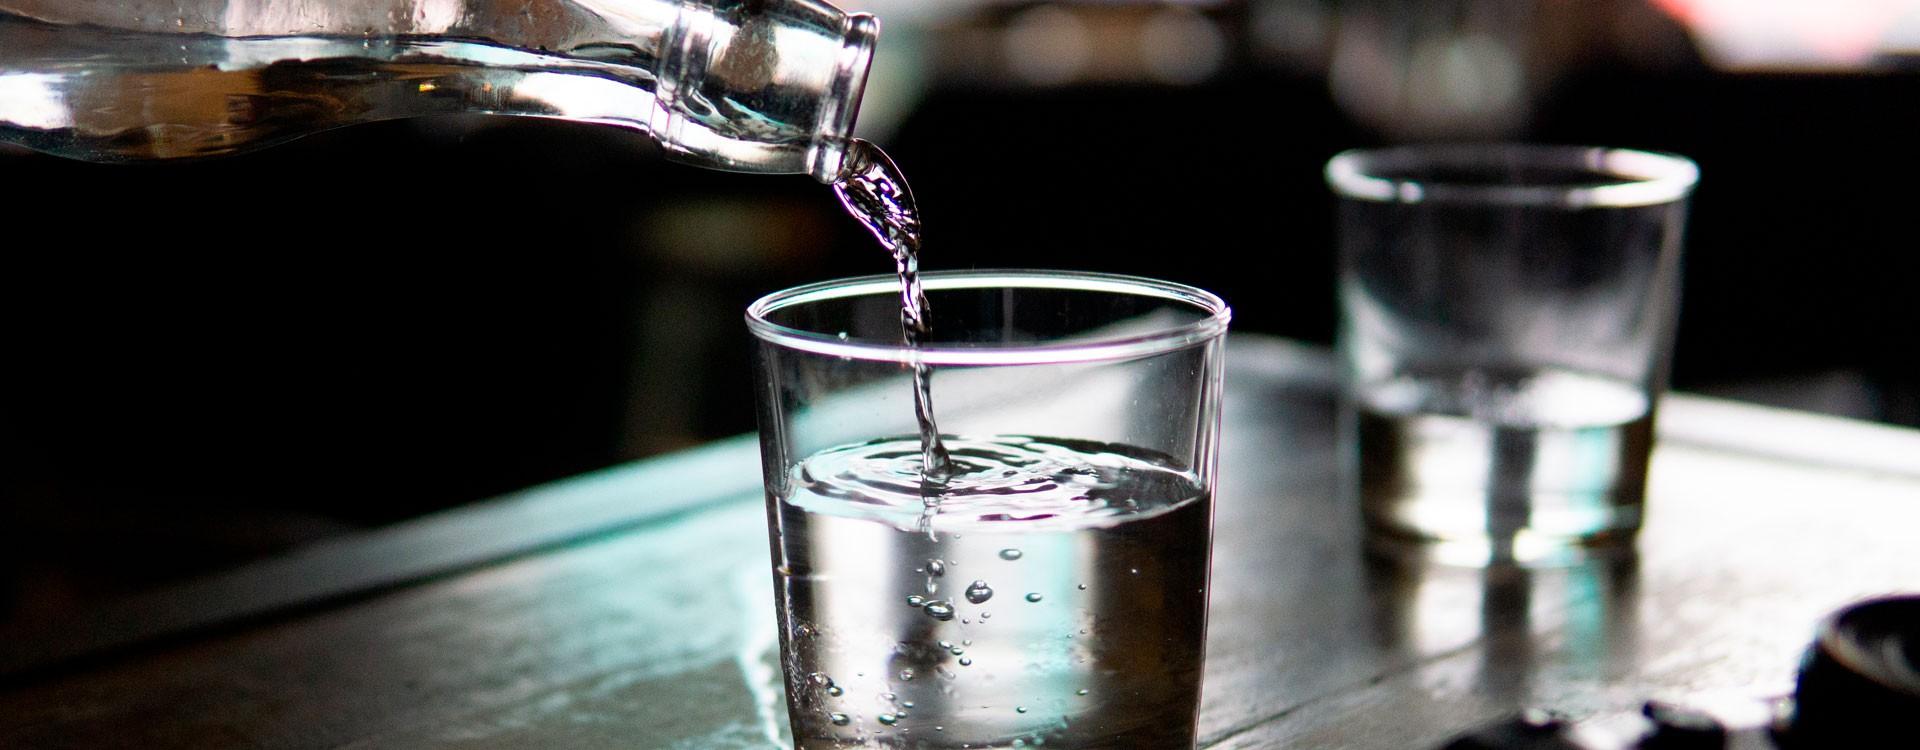 Идеальная вода для идеальной чашки кофе